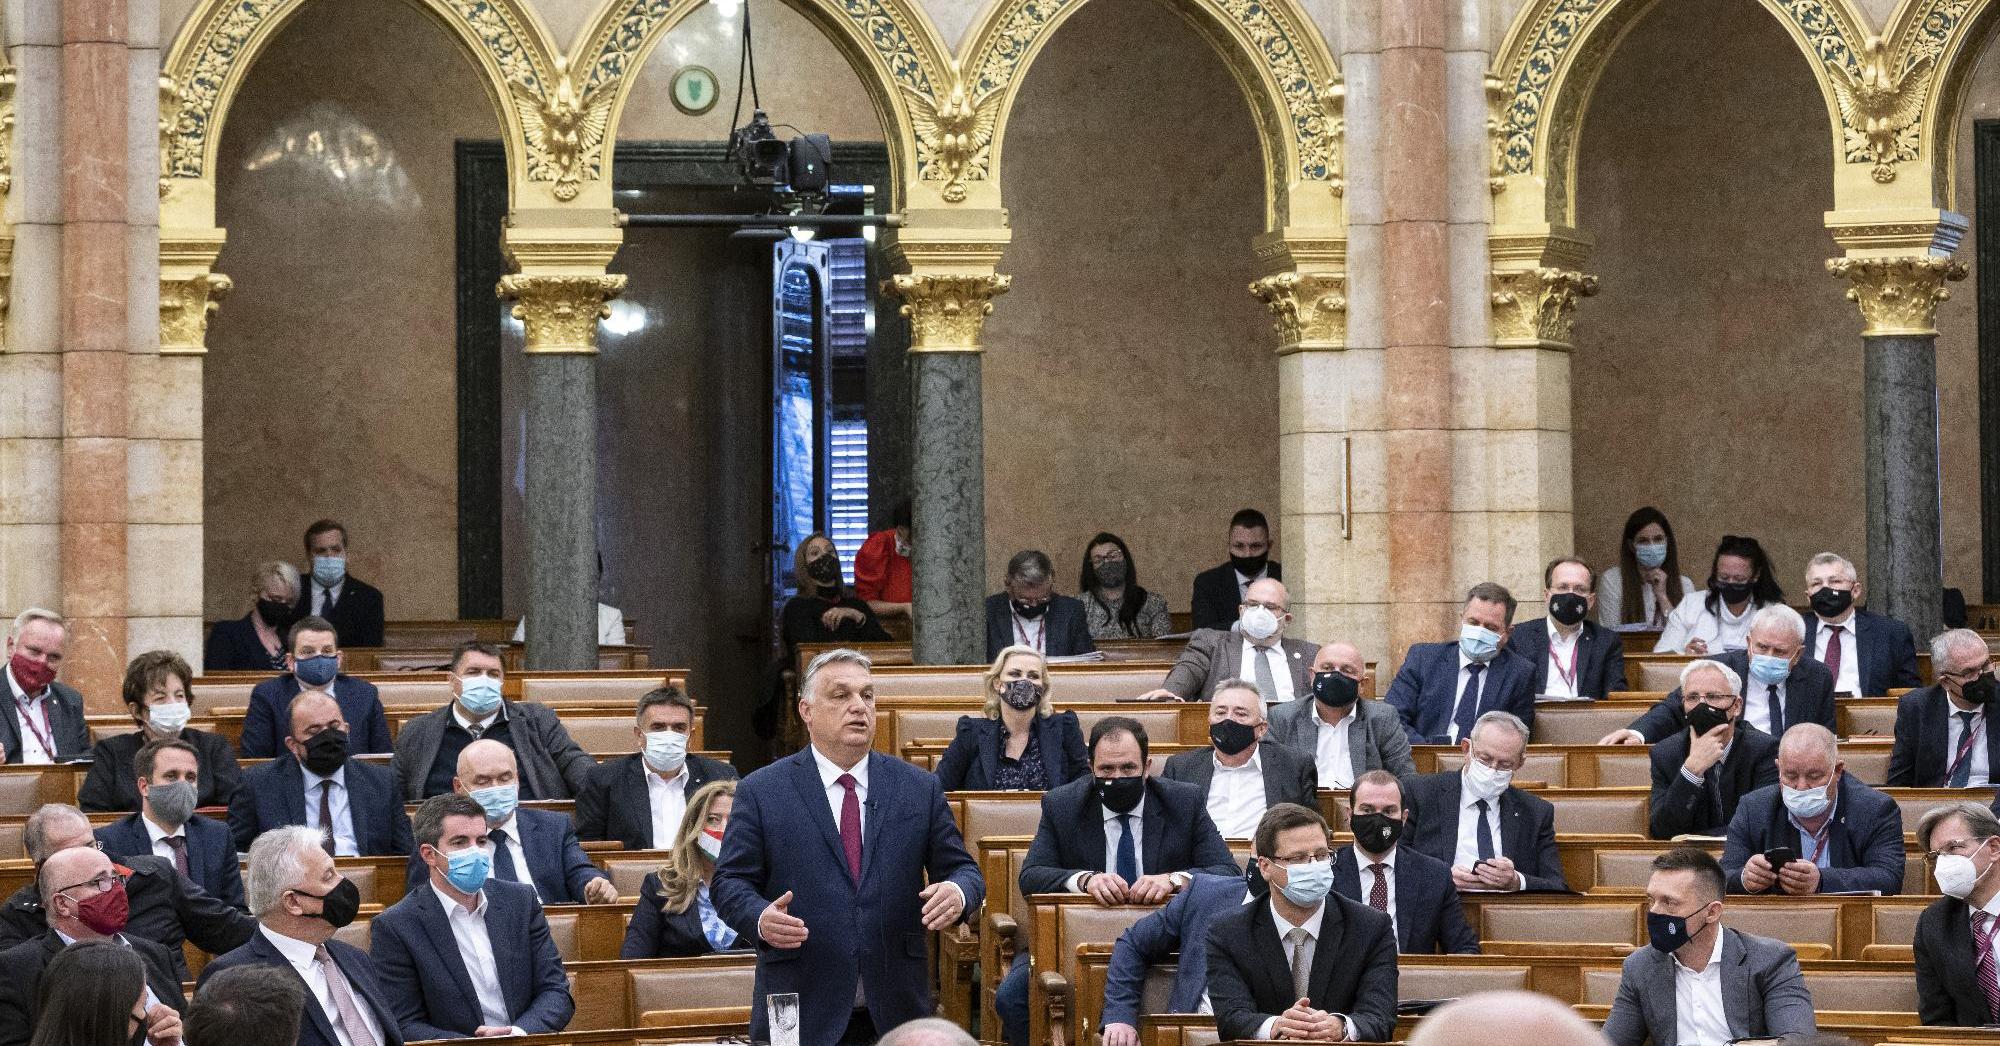 Aggódik az EU, a magyar kormány egyetemi alapítványokba tolhat 1200 milliárdnyi uniós pénzt